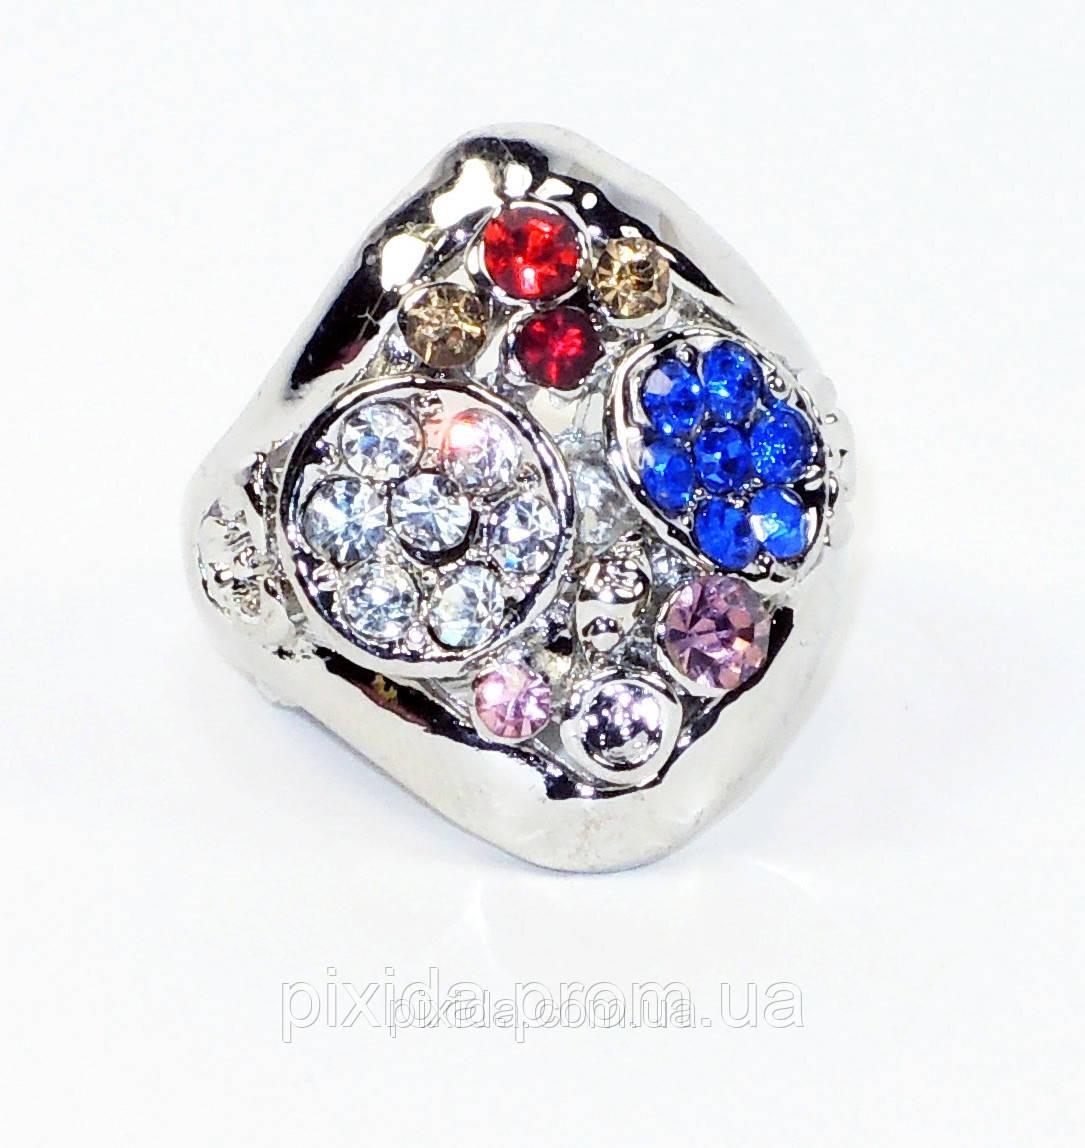 Кольцо перстень ромб фианиты качество